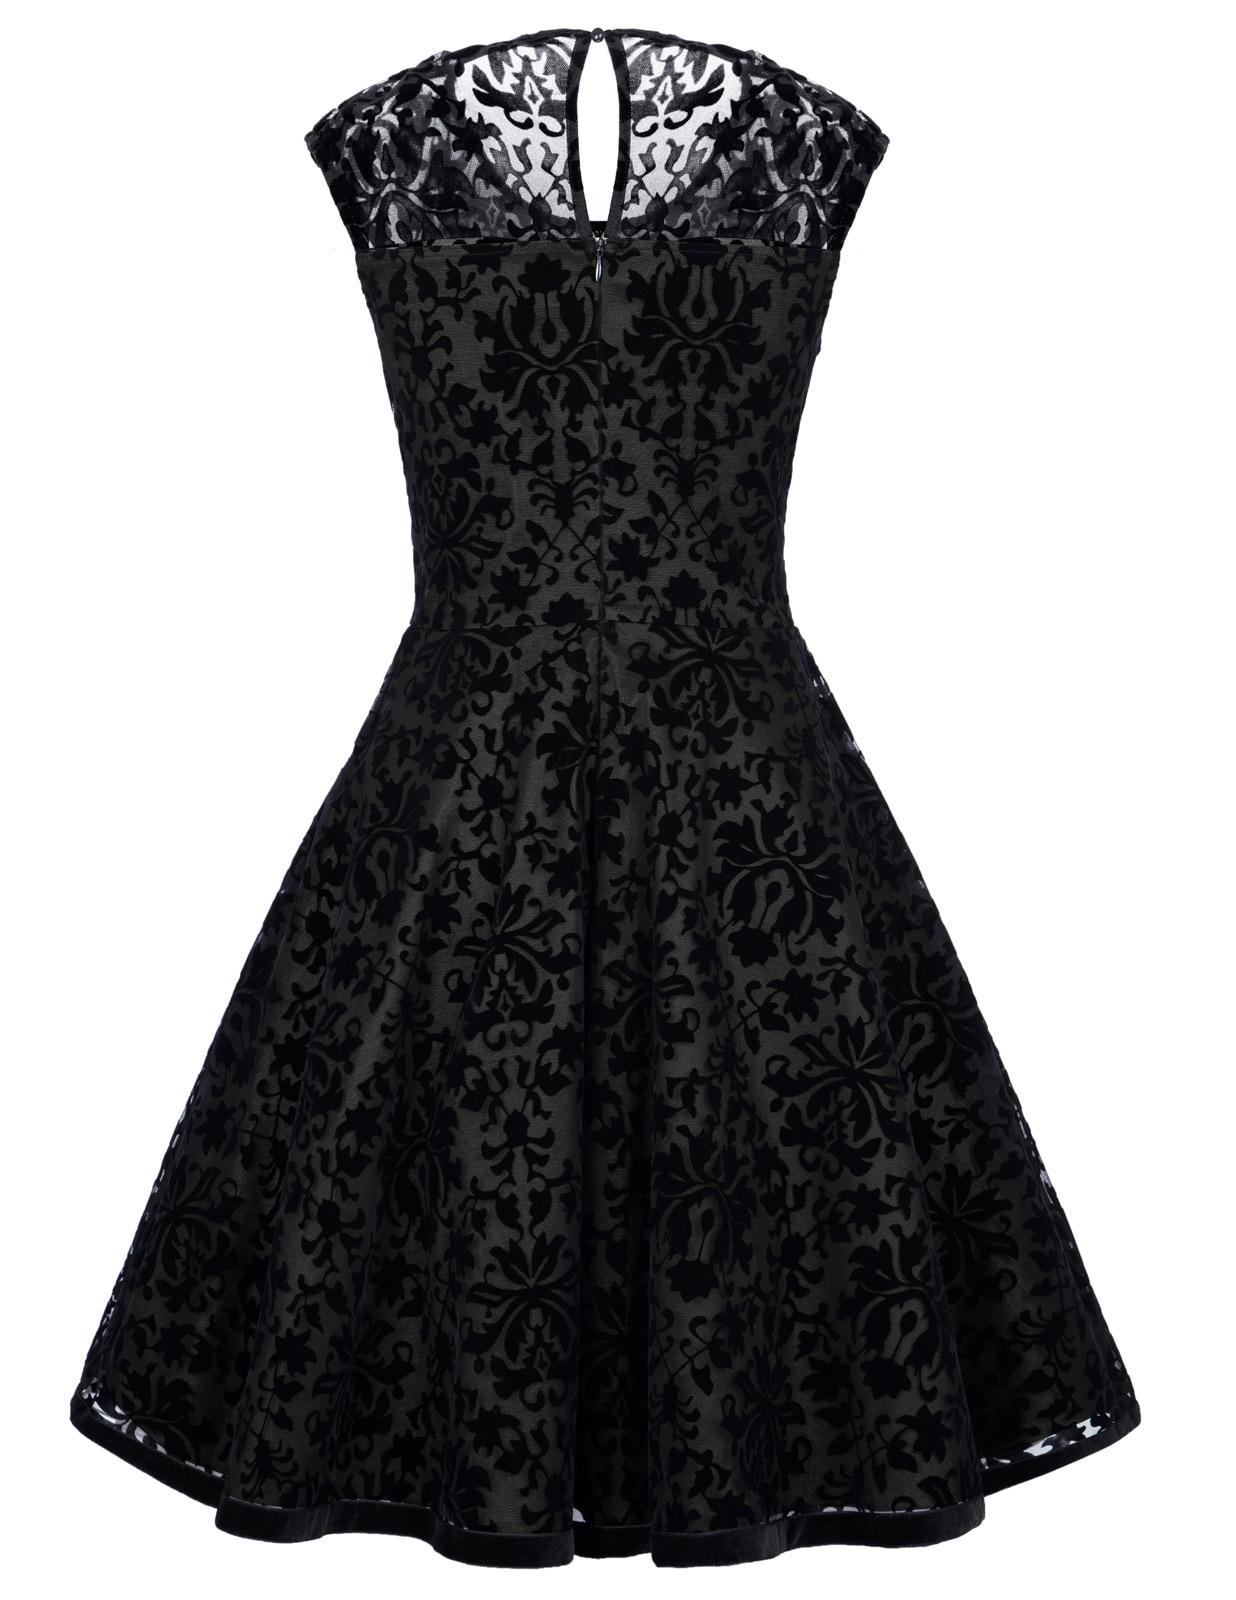 Vestito satinata nero con pizzo nero floccato, retro retro retro vintage gotico 8861a2